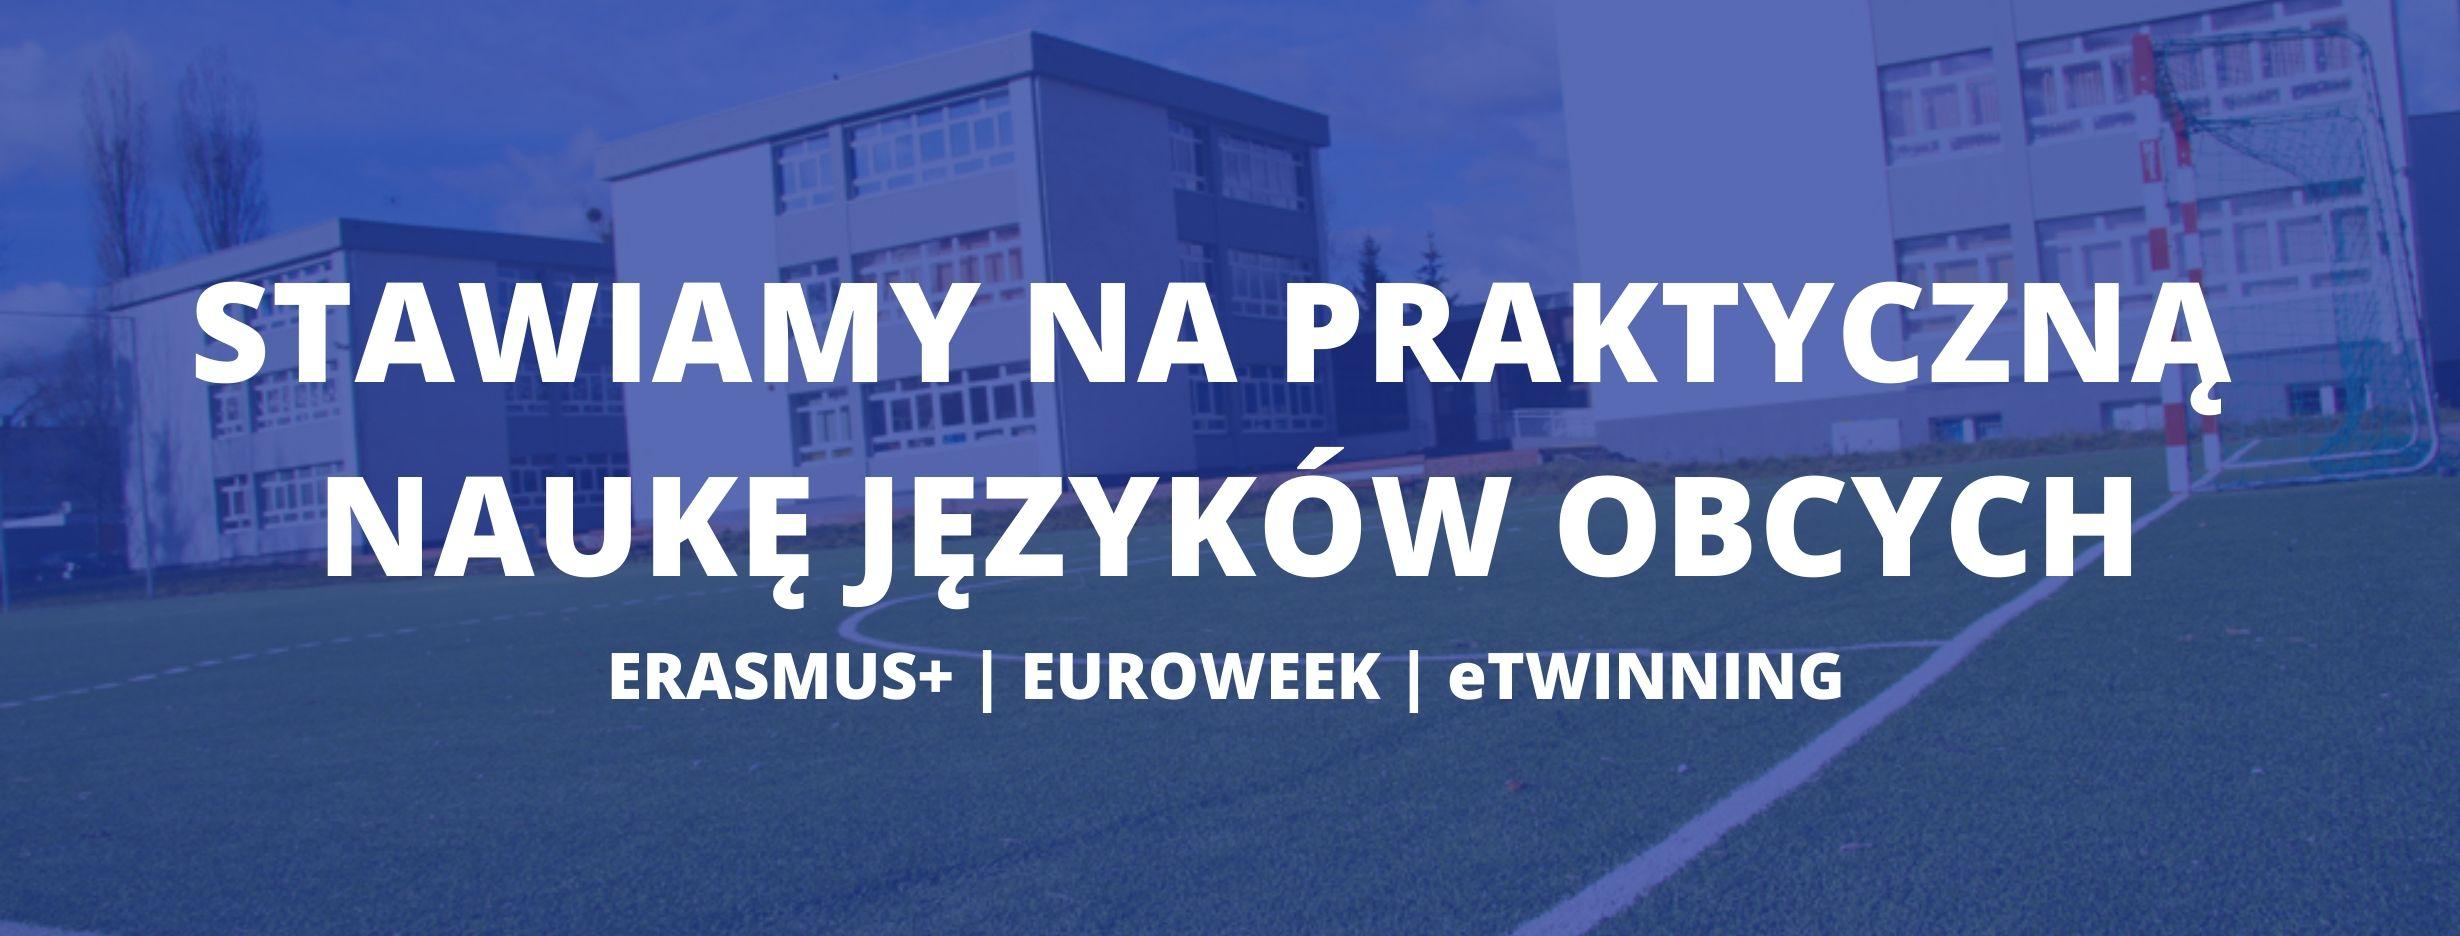 Stawiamy na praktyczną naukę języków obcych: Erasmus, eTwinning, Euroweek_slider